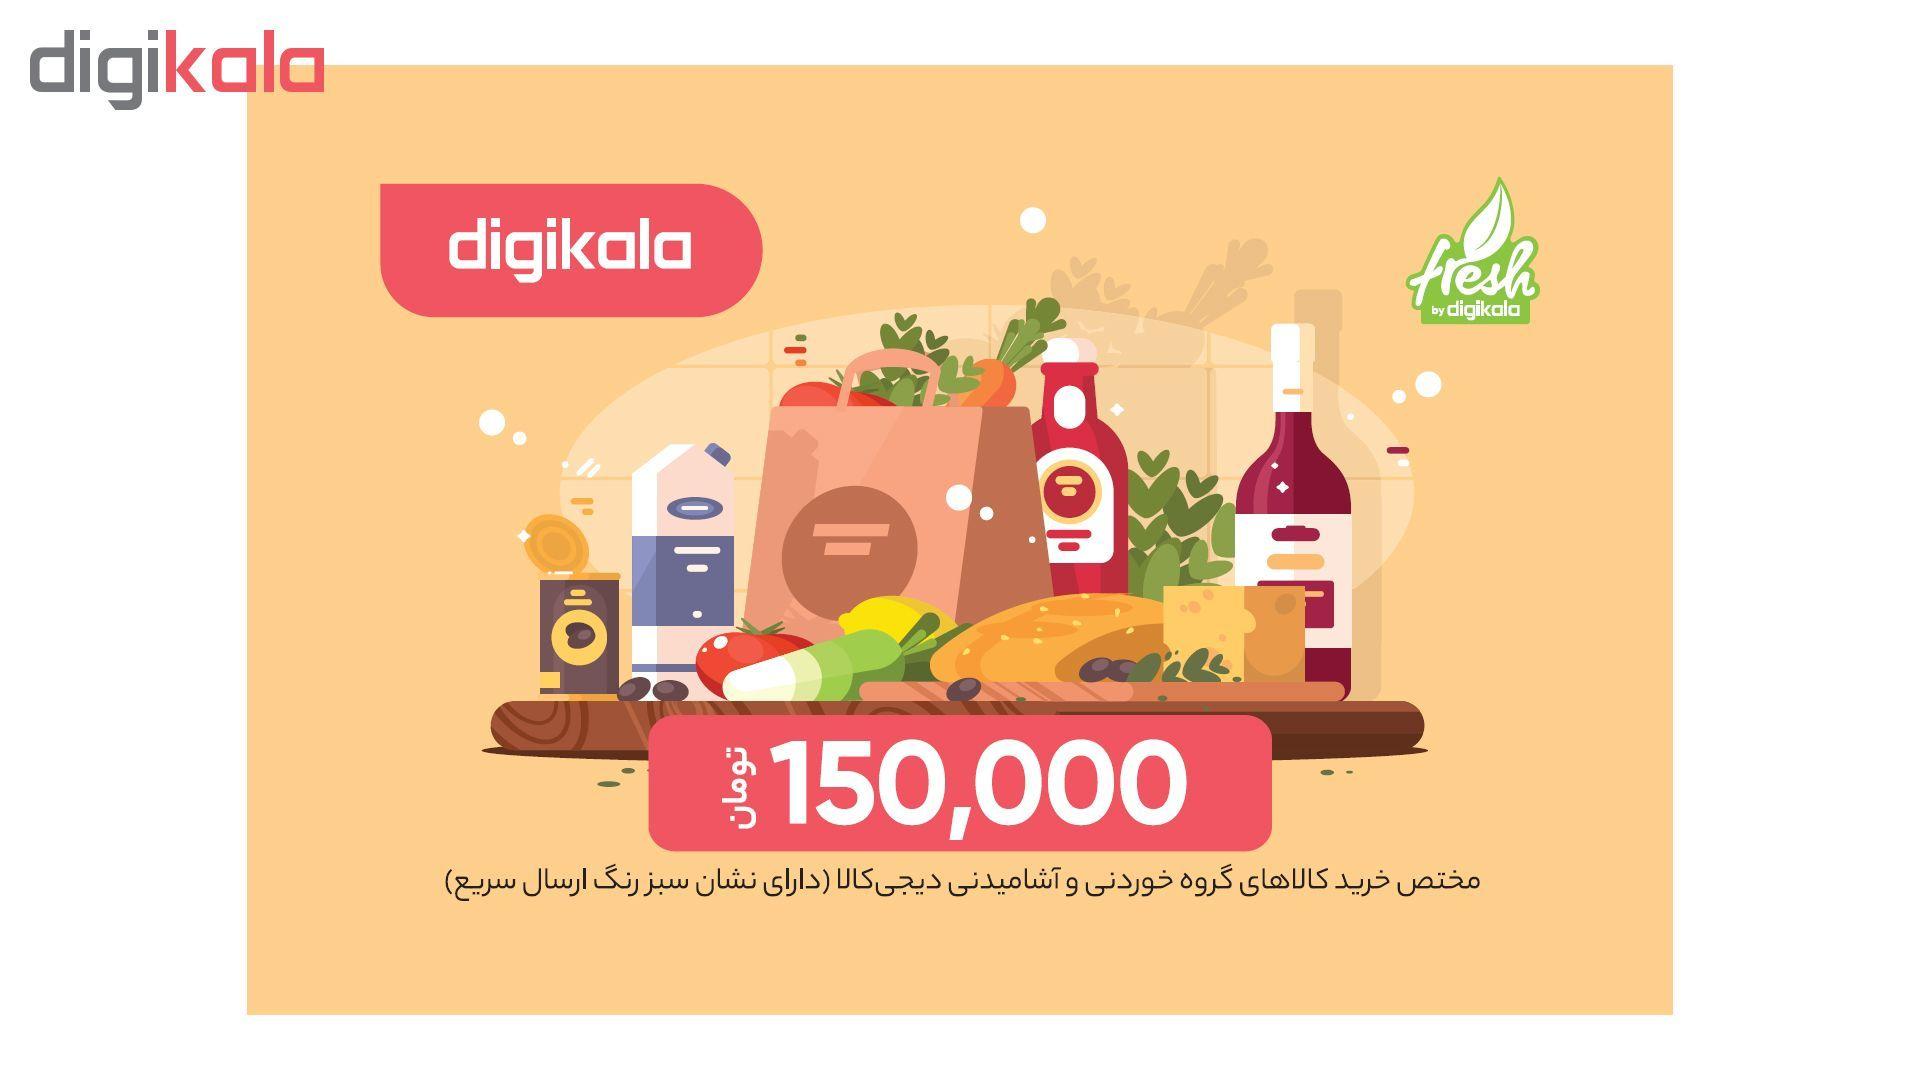 کارت هدیه دیجی کالا به ارزش 150.000 تومان - ویژه گروه کالاهای خوردنی و آشامیدنی main 1 2